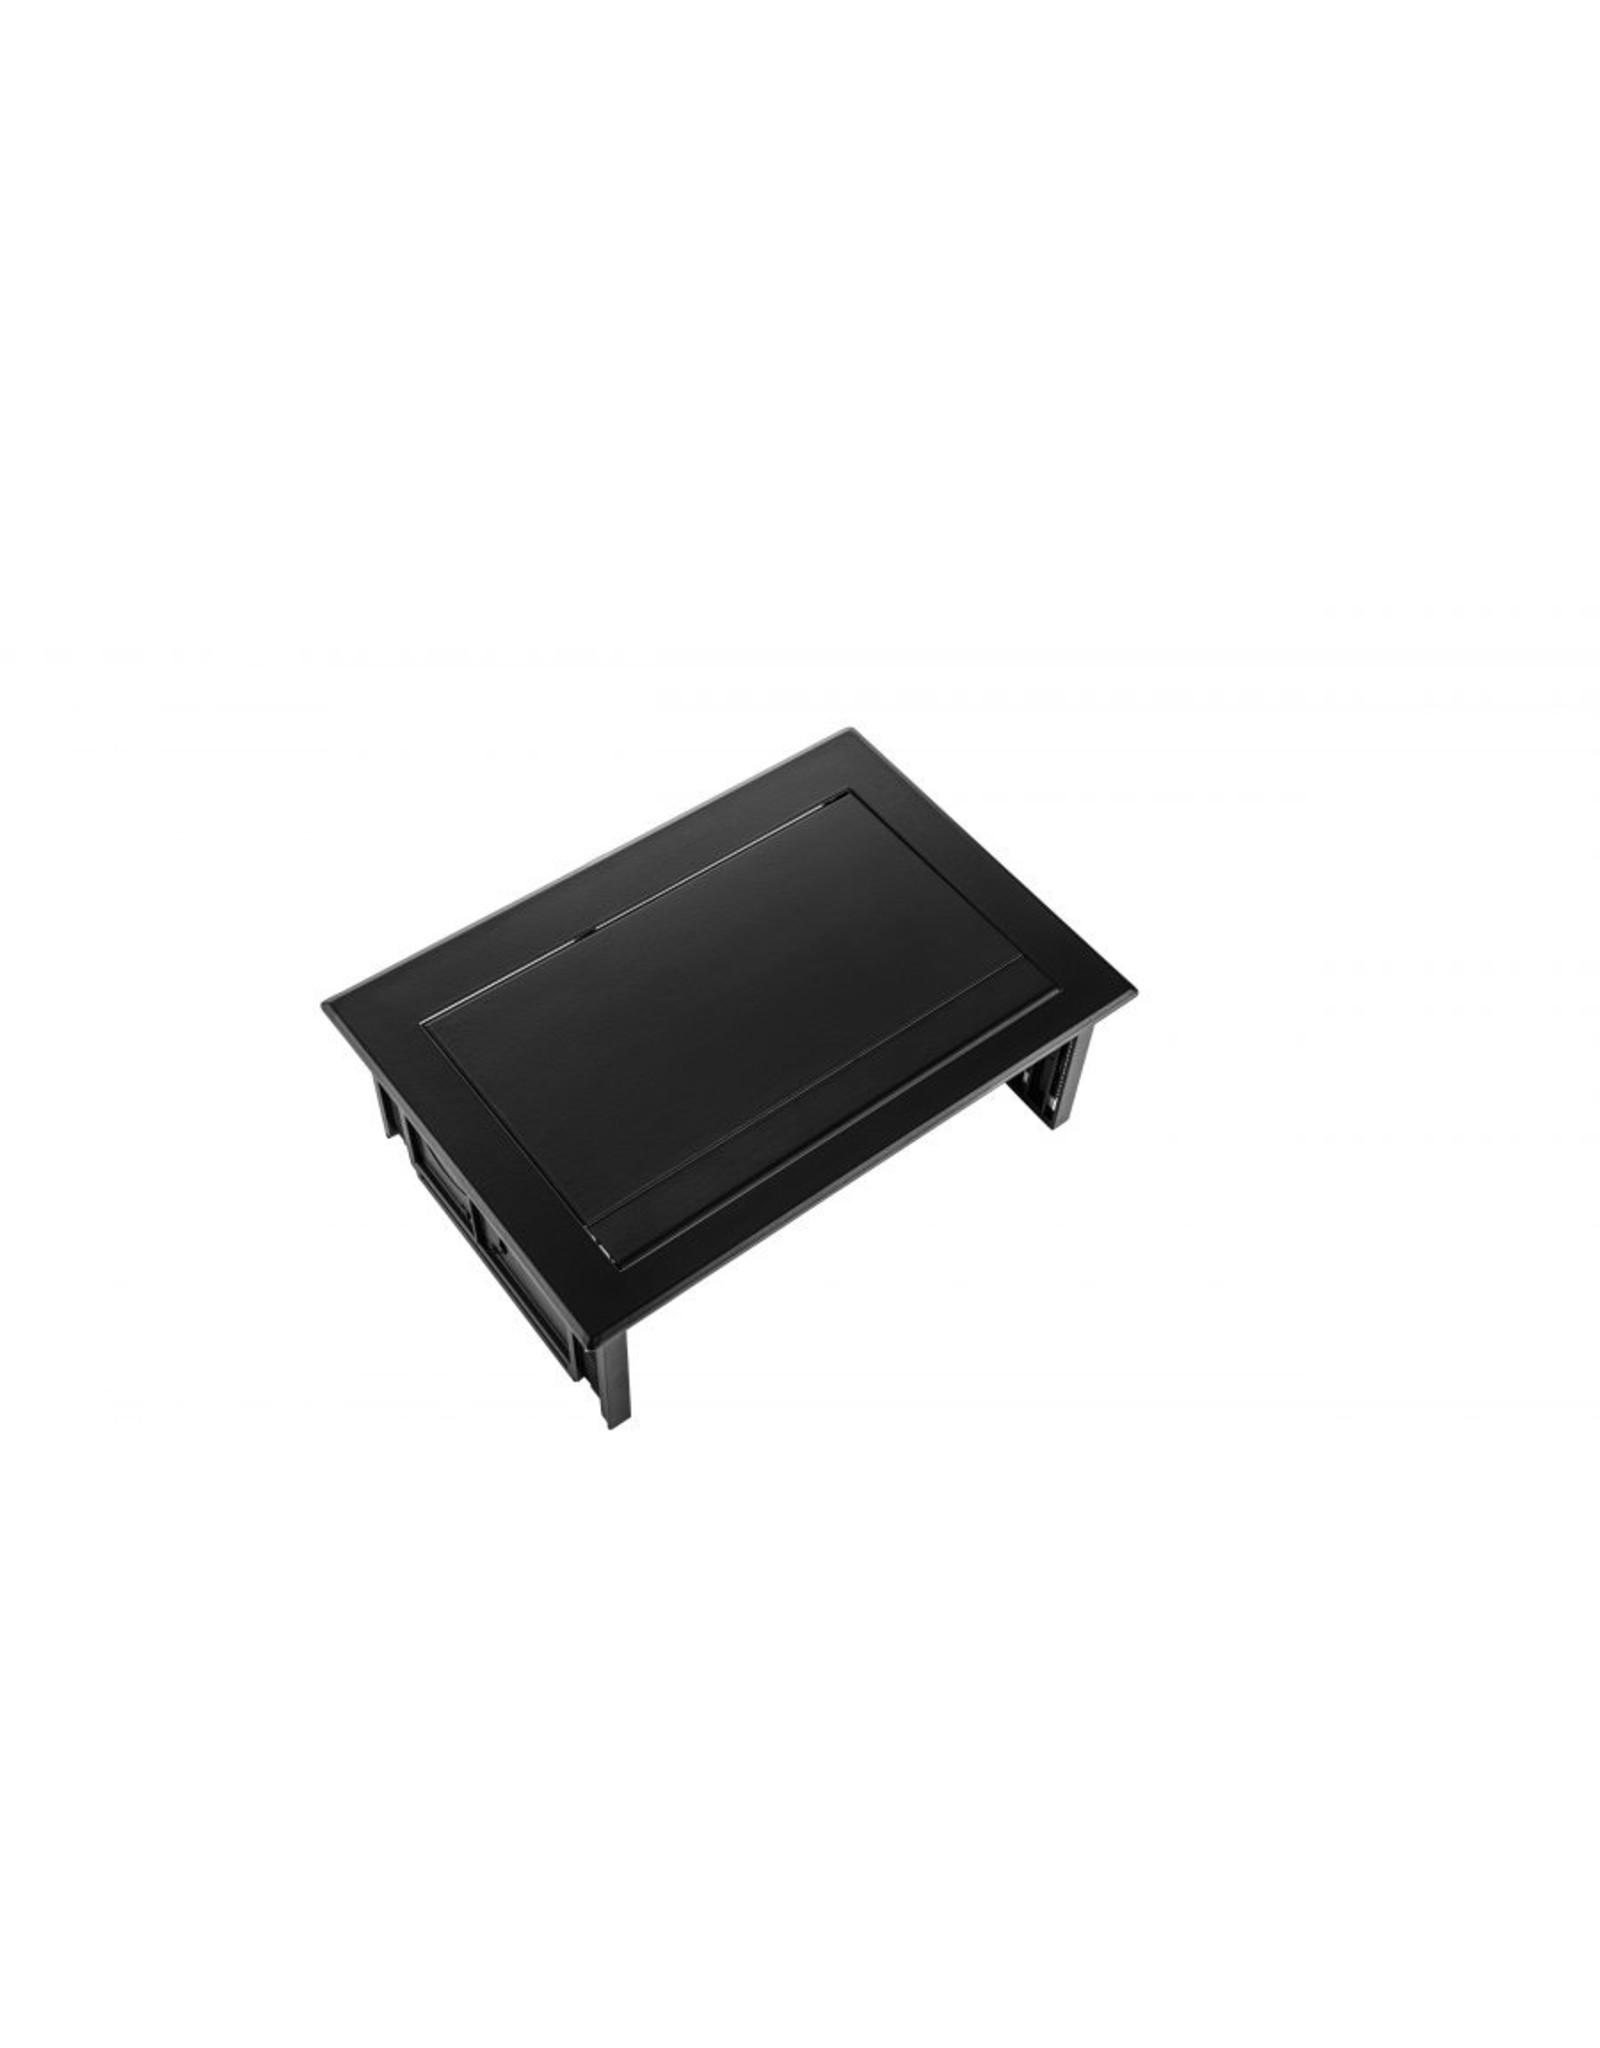 Ergo Power Desk In - 2x 230V - 1x Keystone